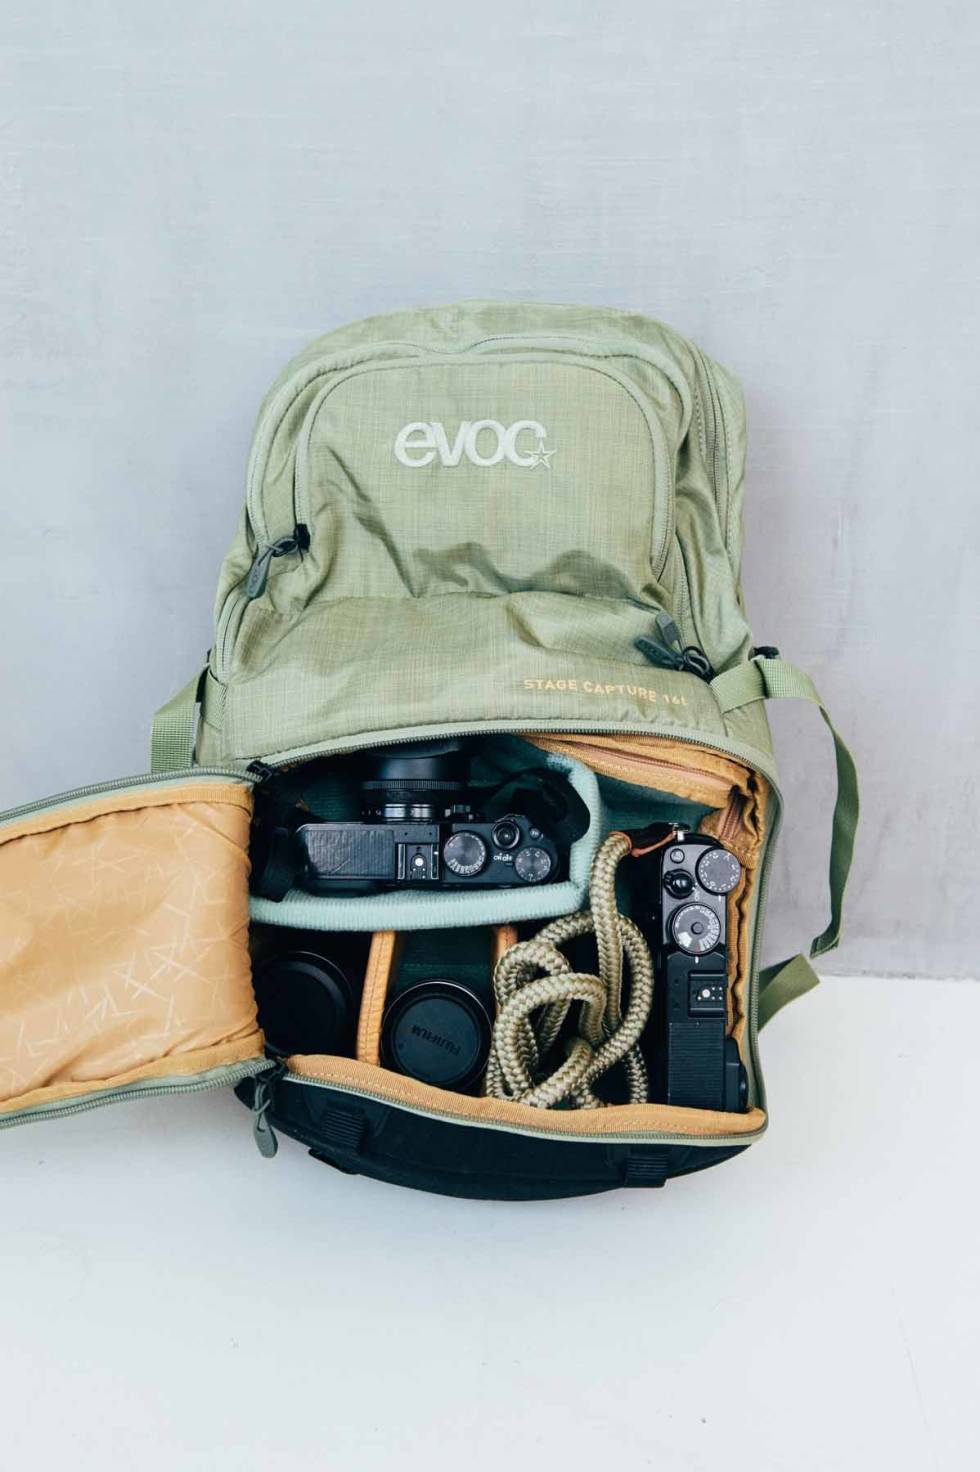 test-evoc-foto-sekk-sykkel-0002